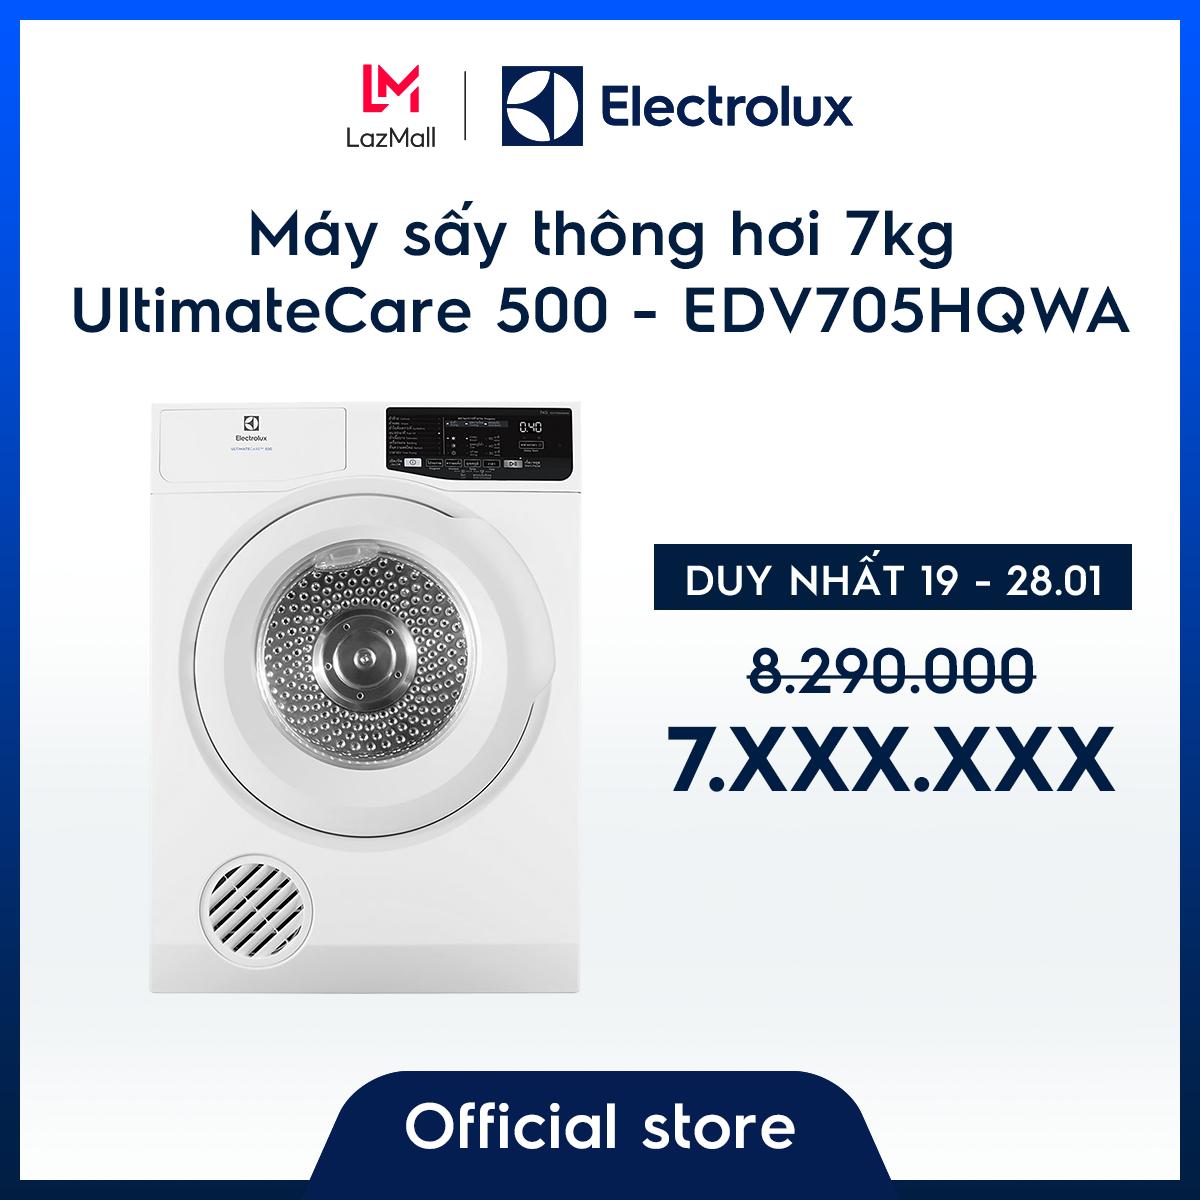 [Miễn phí công lắp đặt] Máy sấy thông hơi Electrolux 7kg UltimateCare 500 EDV705HQWA – Màu Trắng –